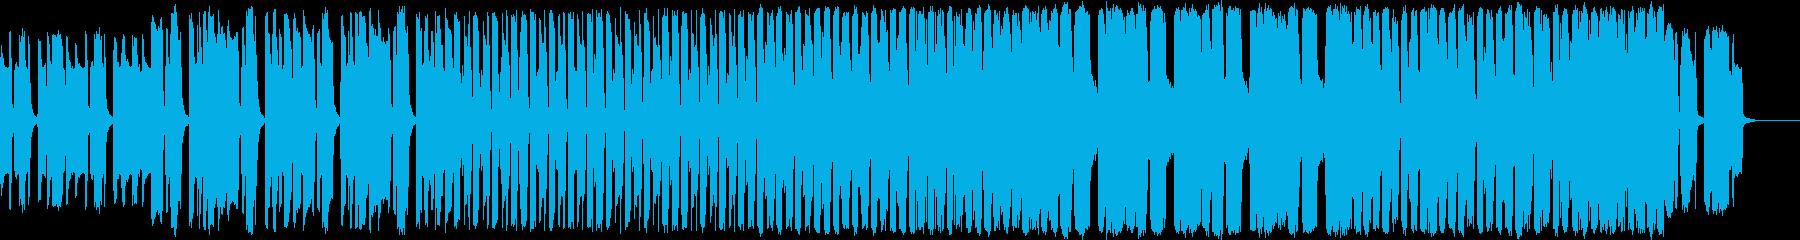 かっこいい雰囲気のエレクトロの再生済みの波形